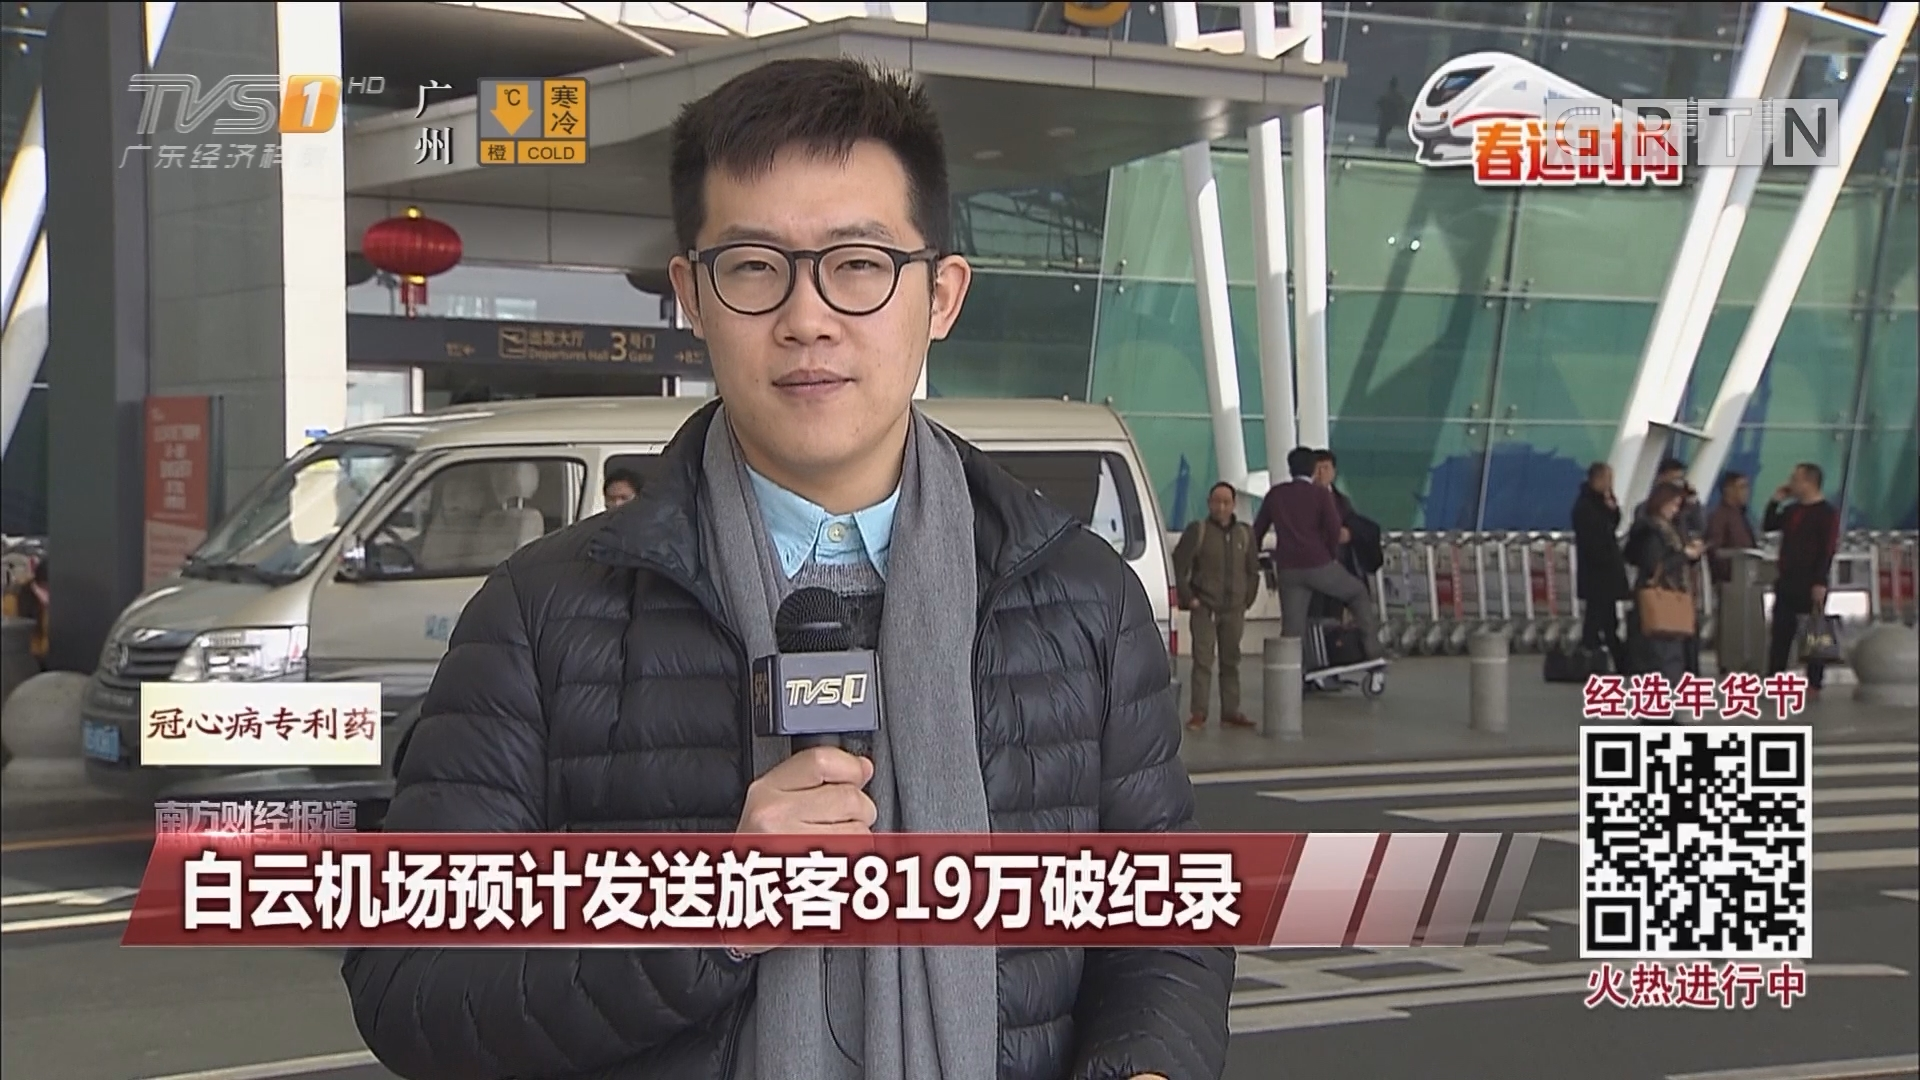 白云机场预计发送旅客819万破纪录